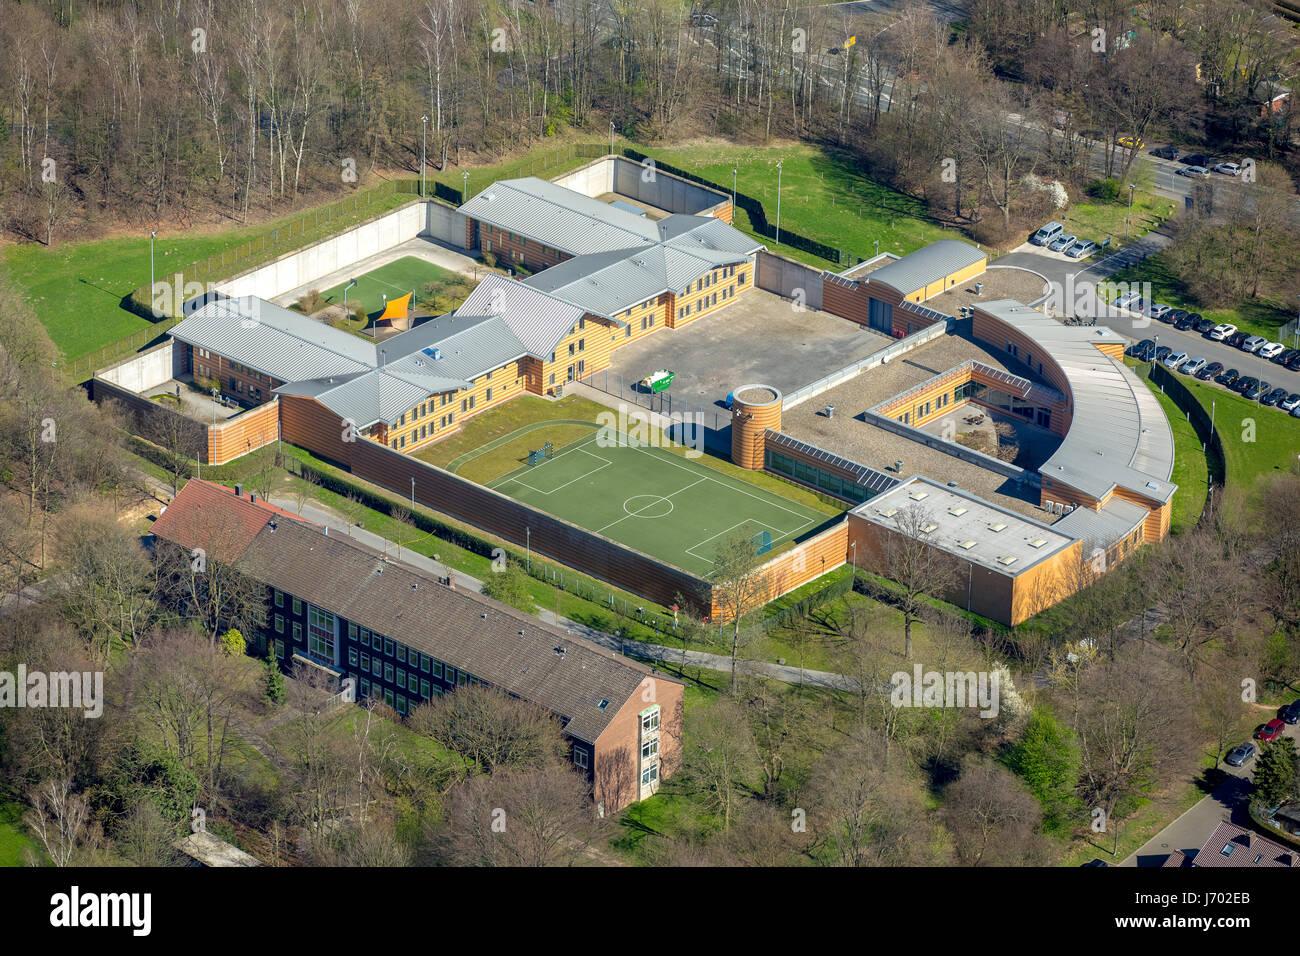 LWL-Klinik Dortmund Psychiatrie - Psychotherapie - psychosomatische Medizin Rettungswagen, Forensik, Dortmund, Ruhrgebiet, Stockbild